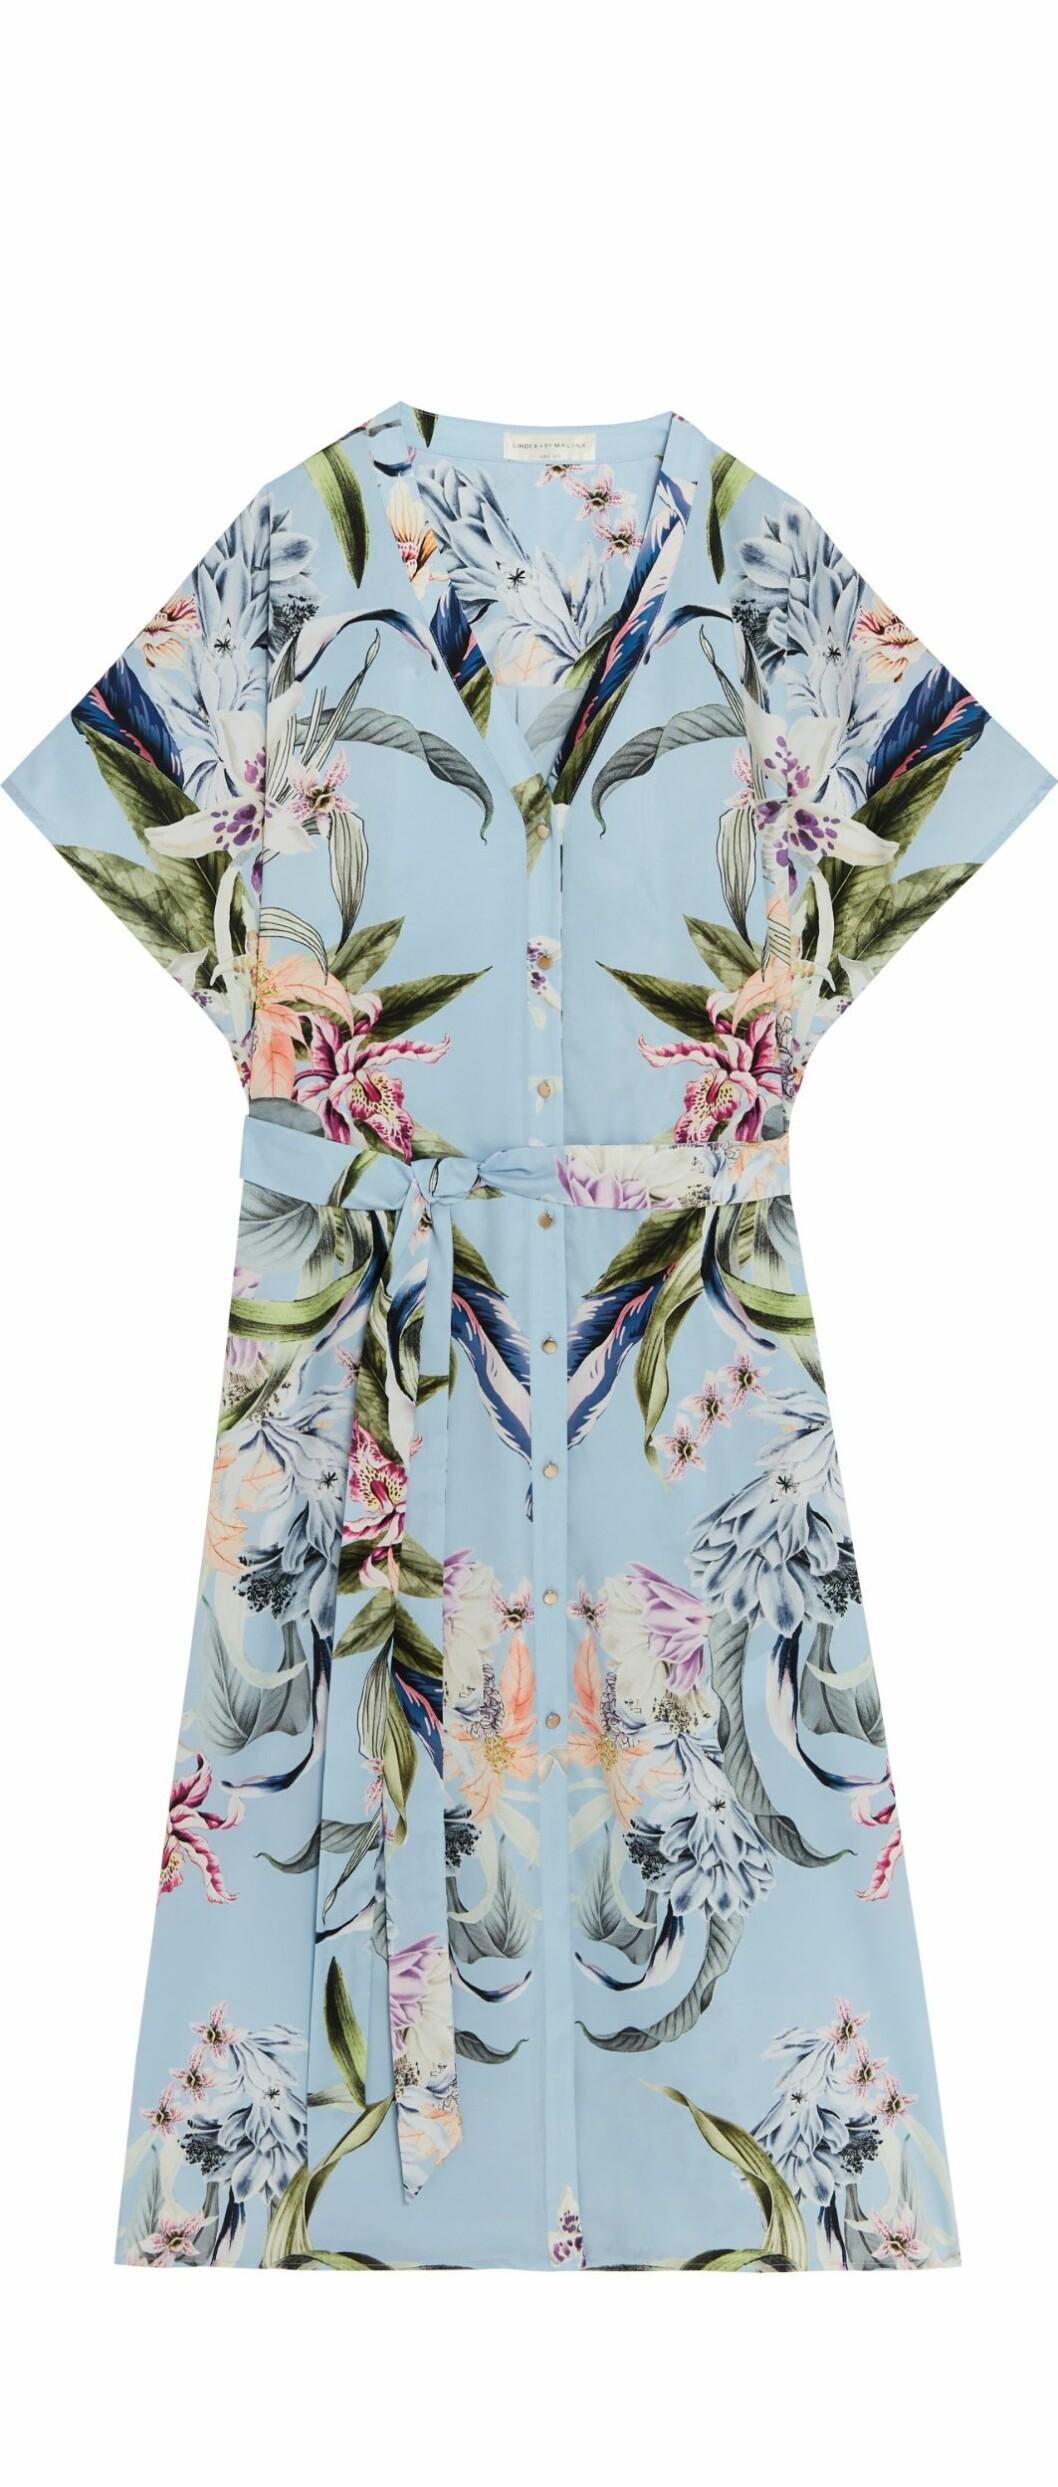 Lindex och By Malinas sommarkollektion – blå skjortklänning